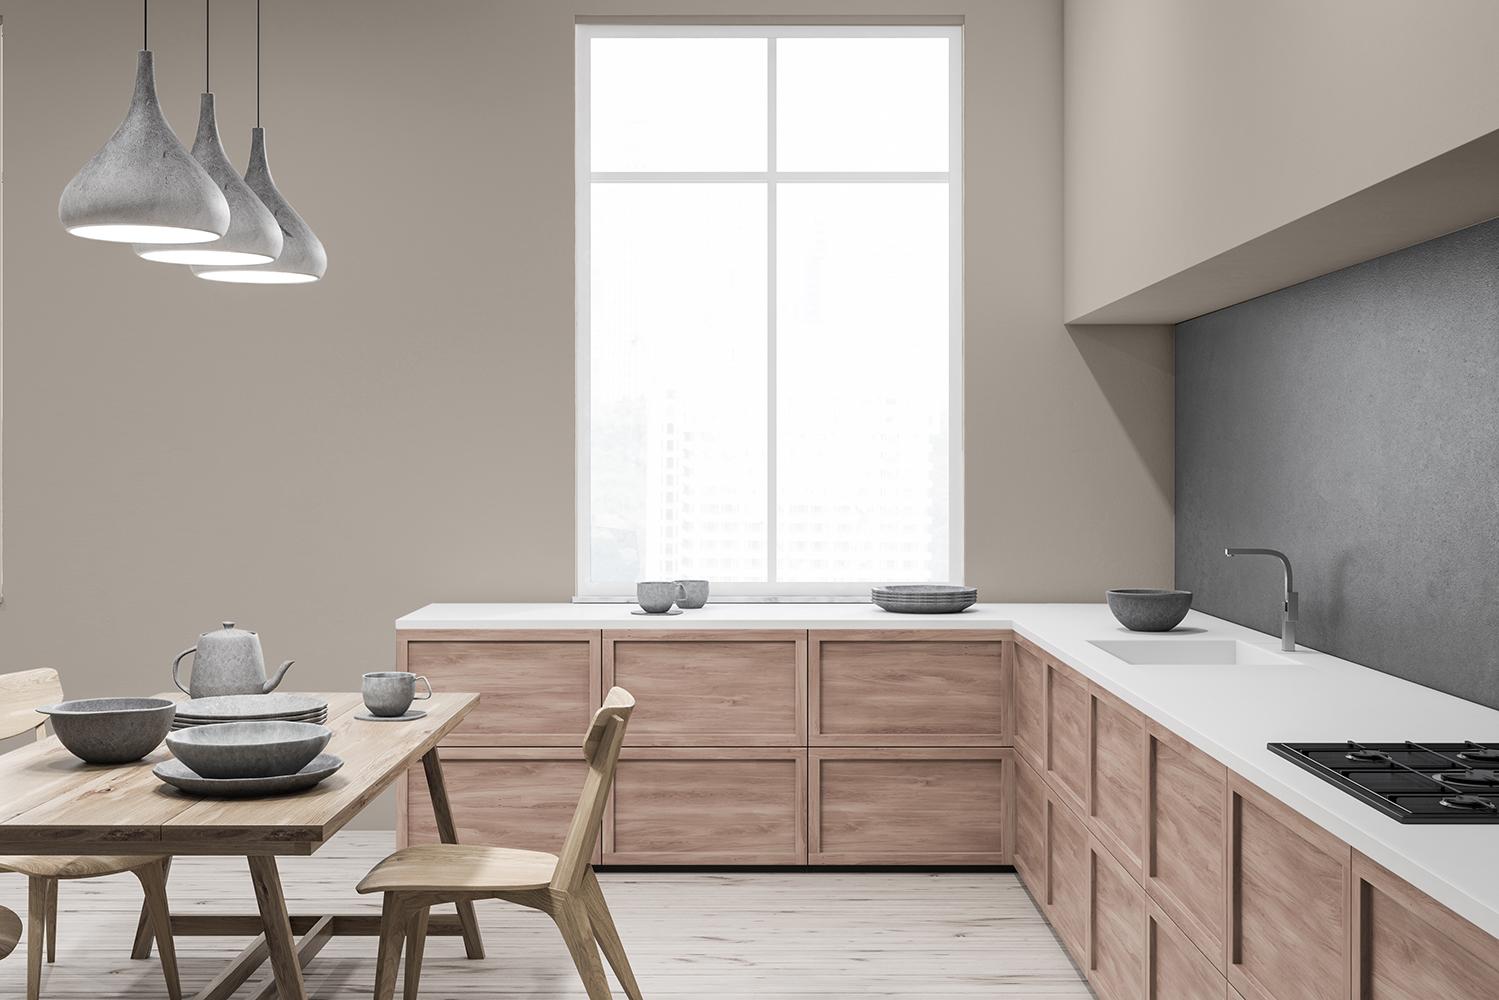 Kitchen design in Haven